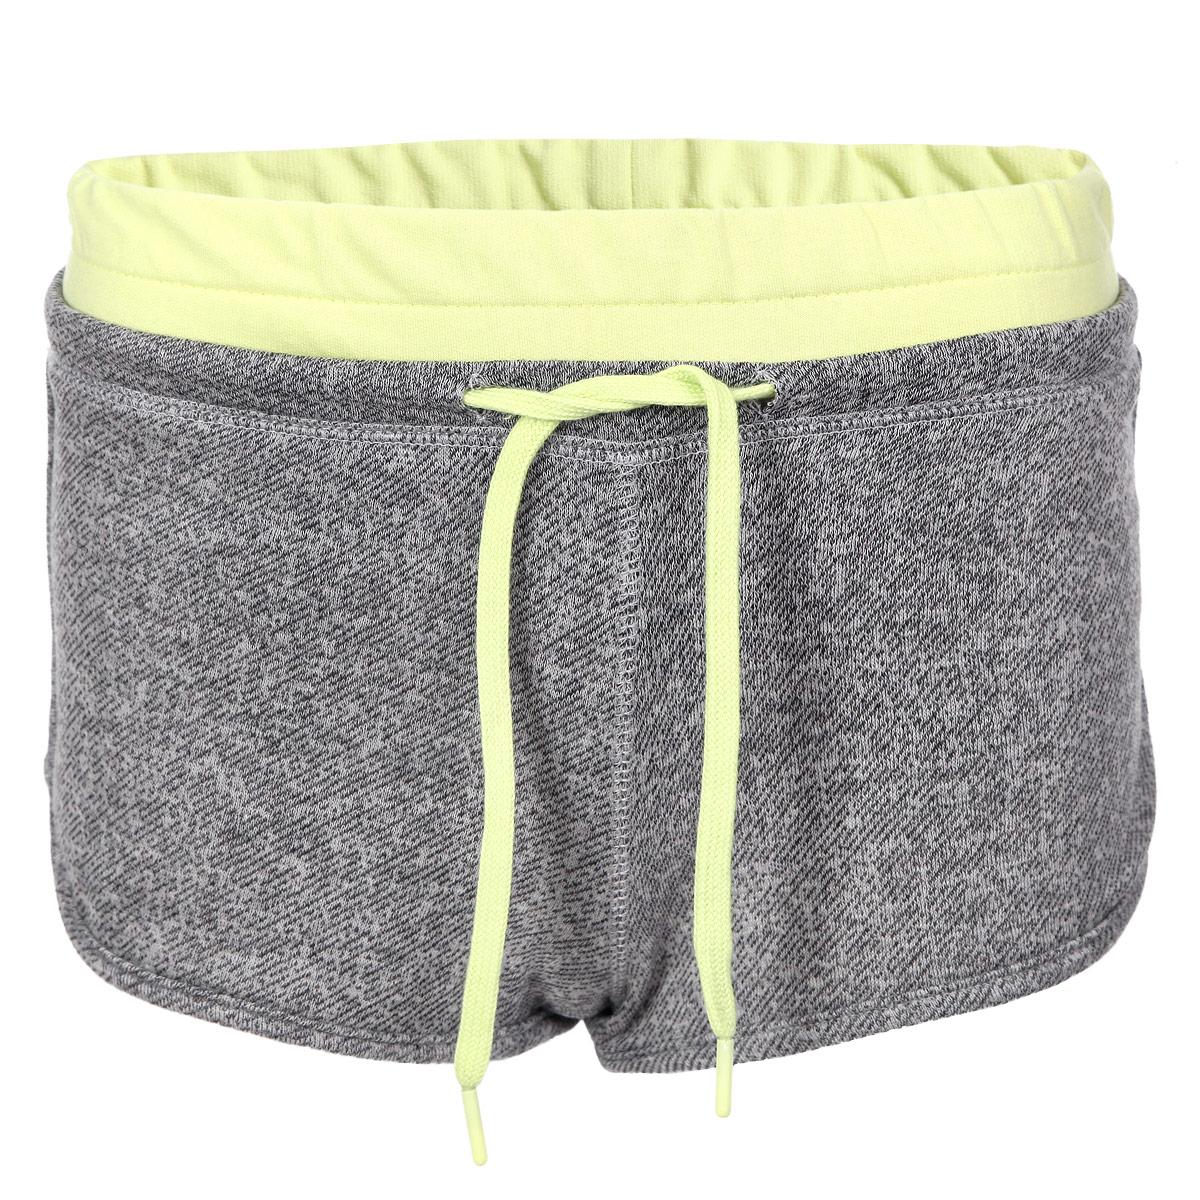 L-SH-1700 BLACK MELANGEСтильные женские шорты Moodo выполнены из высококачественного материала - полиэстера с добавлением хлопка. С изнаночной стороны - очень мягкий ворсистый материал, приятный на ощупь. Модель на широкой эластичной резинке, затягивается на кулиску. Пояс и затягивающийся шнурок выполнены в контрастном цвете. Стильные шорты - незаменимая вещь в летнем гардеробе каждой девушки.